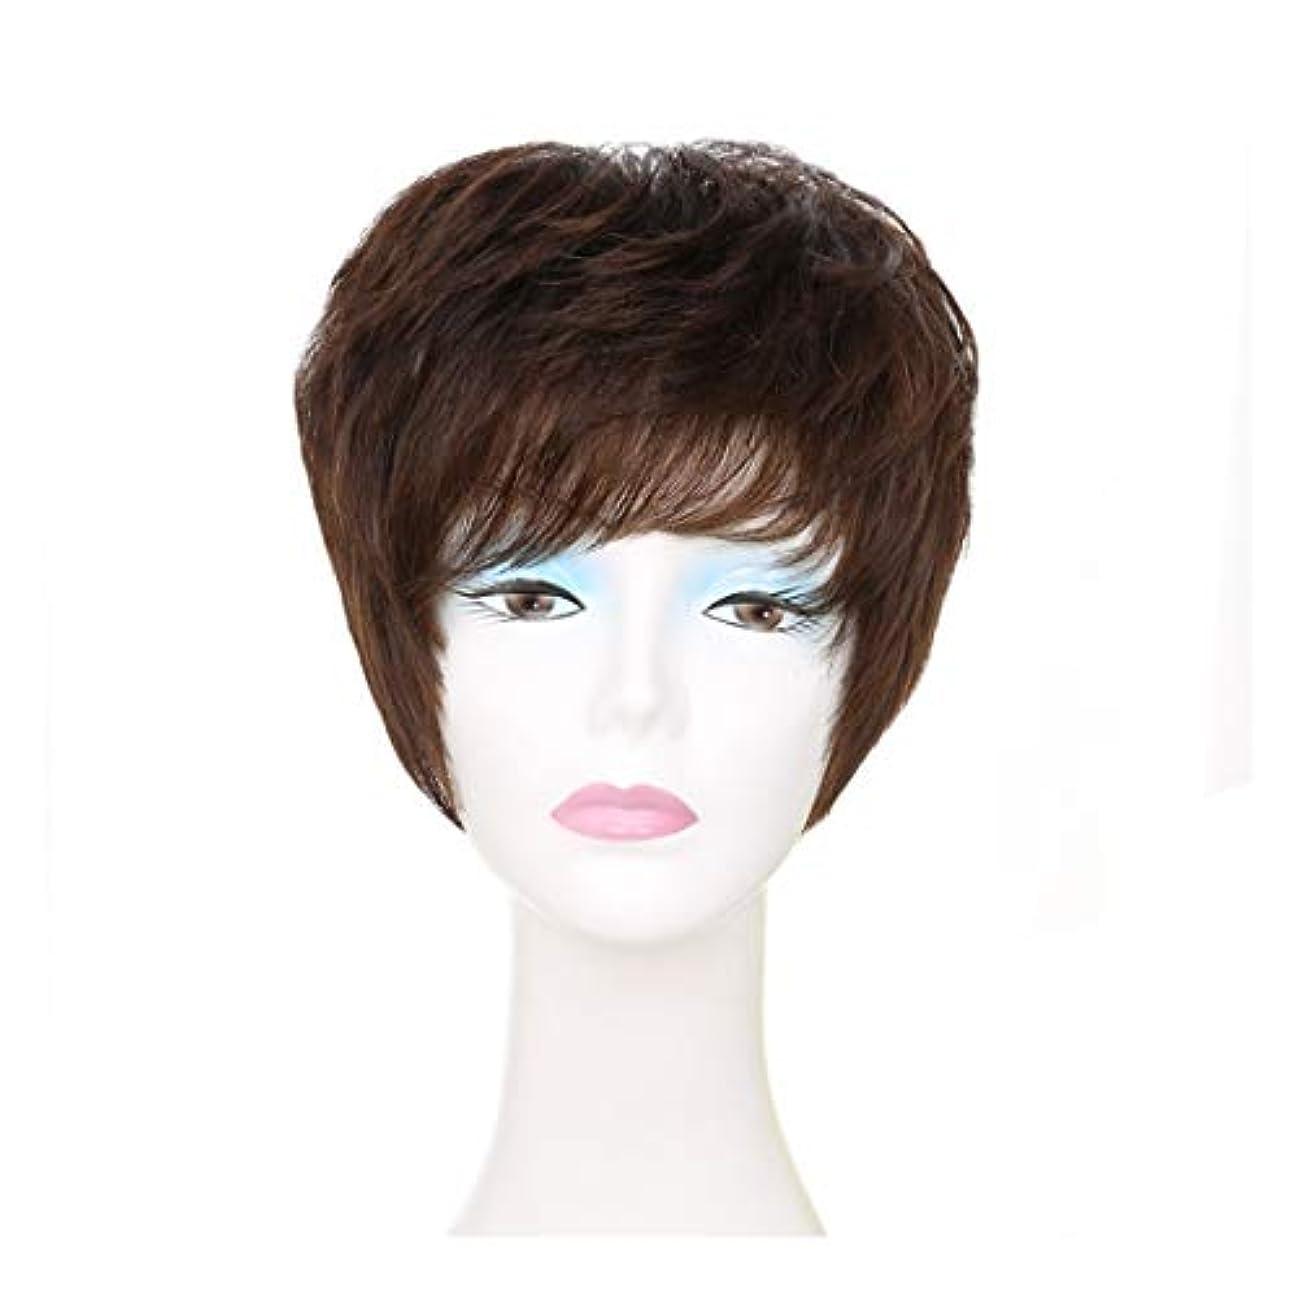 振る哲学博士勢いYOUQIU 女子ショートカーリーヘアウィッグフル?ハンド織100%実毛ワイルドウィッグウィッグ (色 : ブラウン)